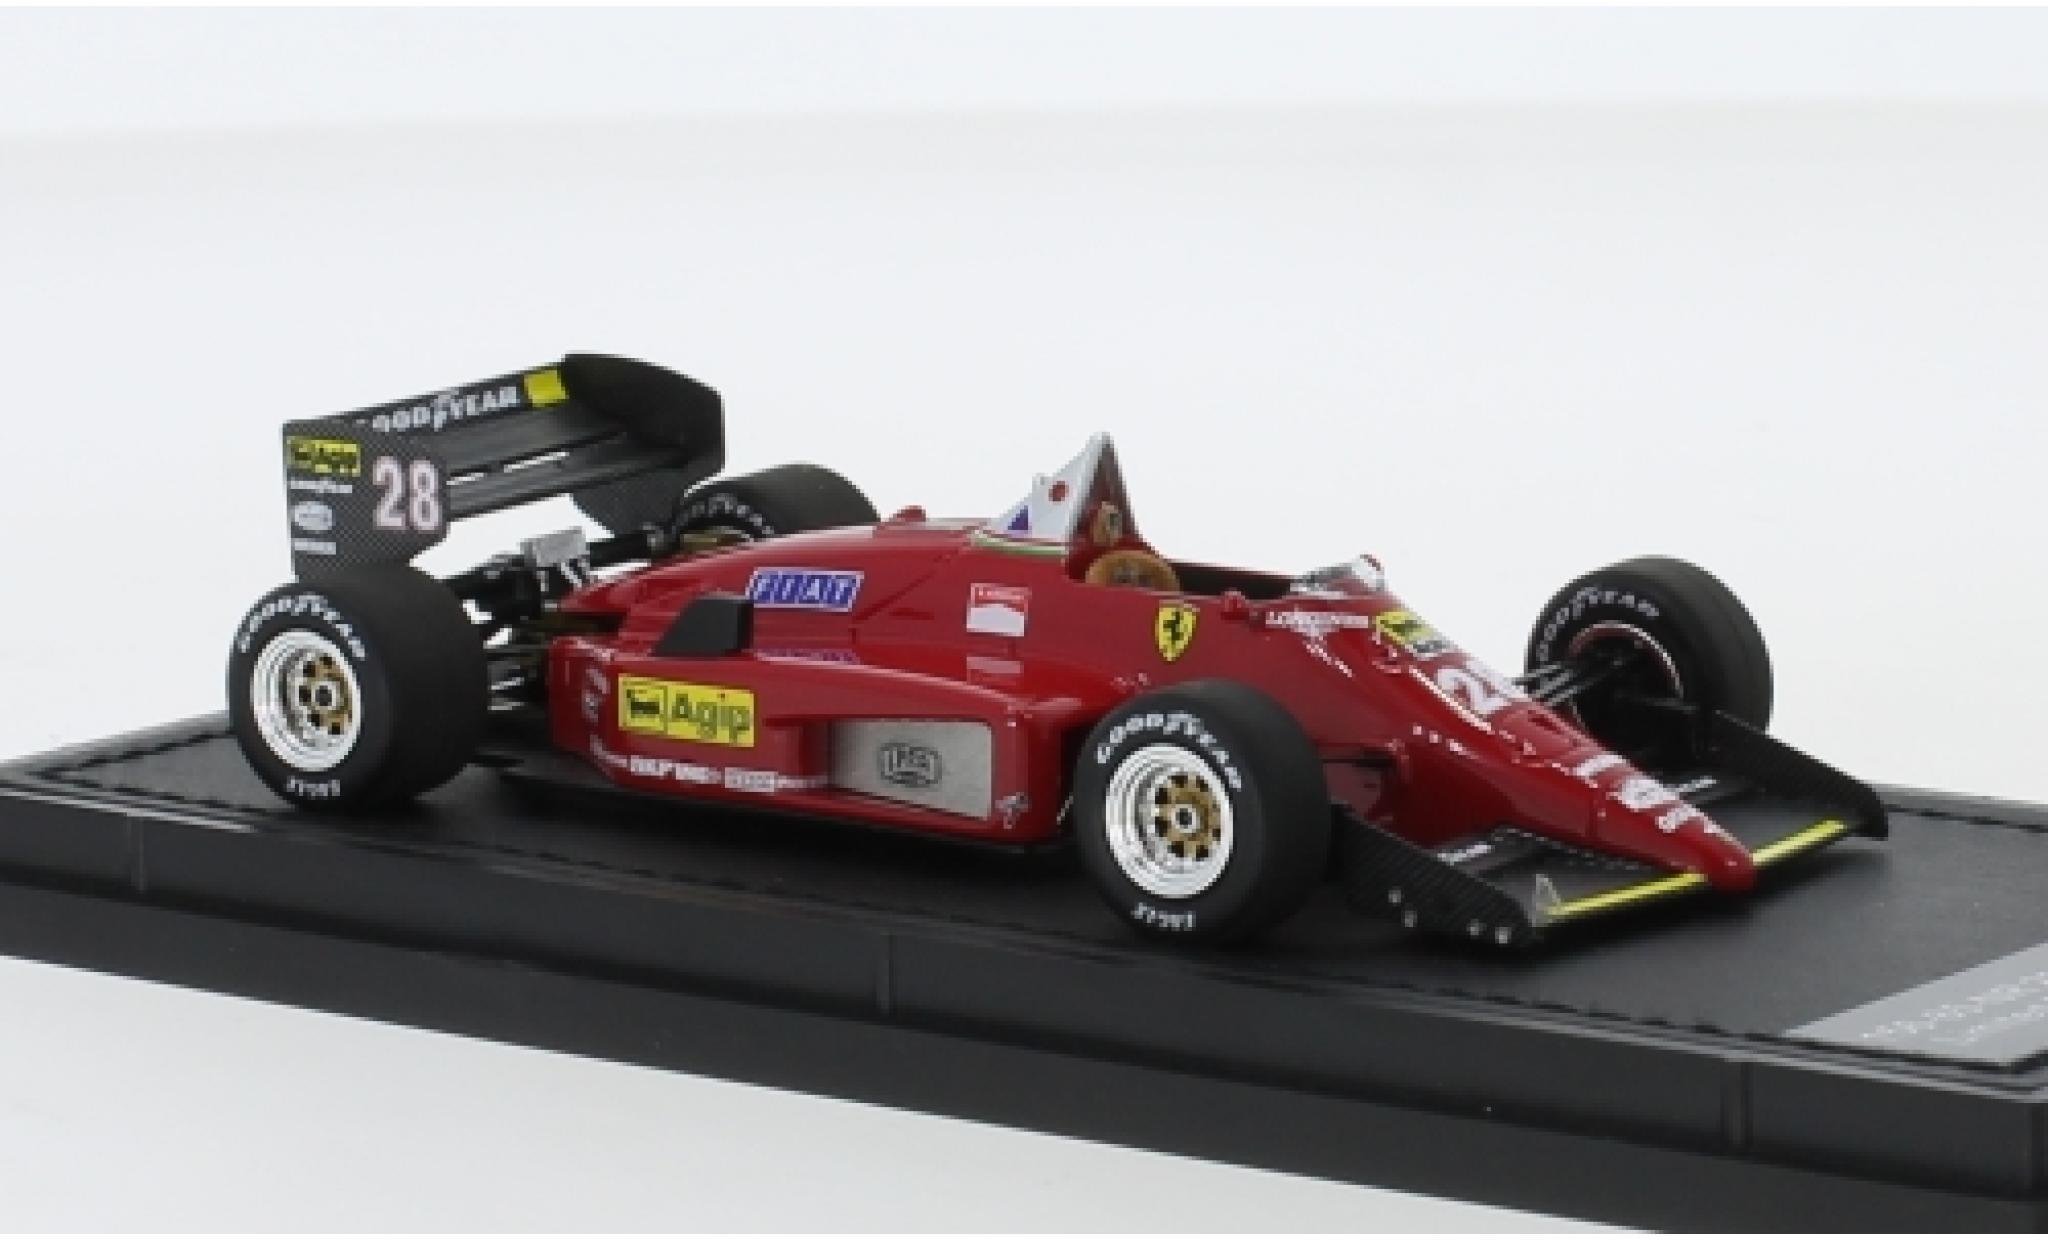 Ferrari 156 1/43 GP Replicas /85 No.28 Scuderia Formel 1 1987 R.Arnoux